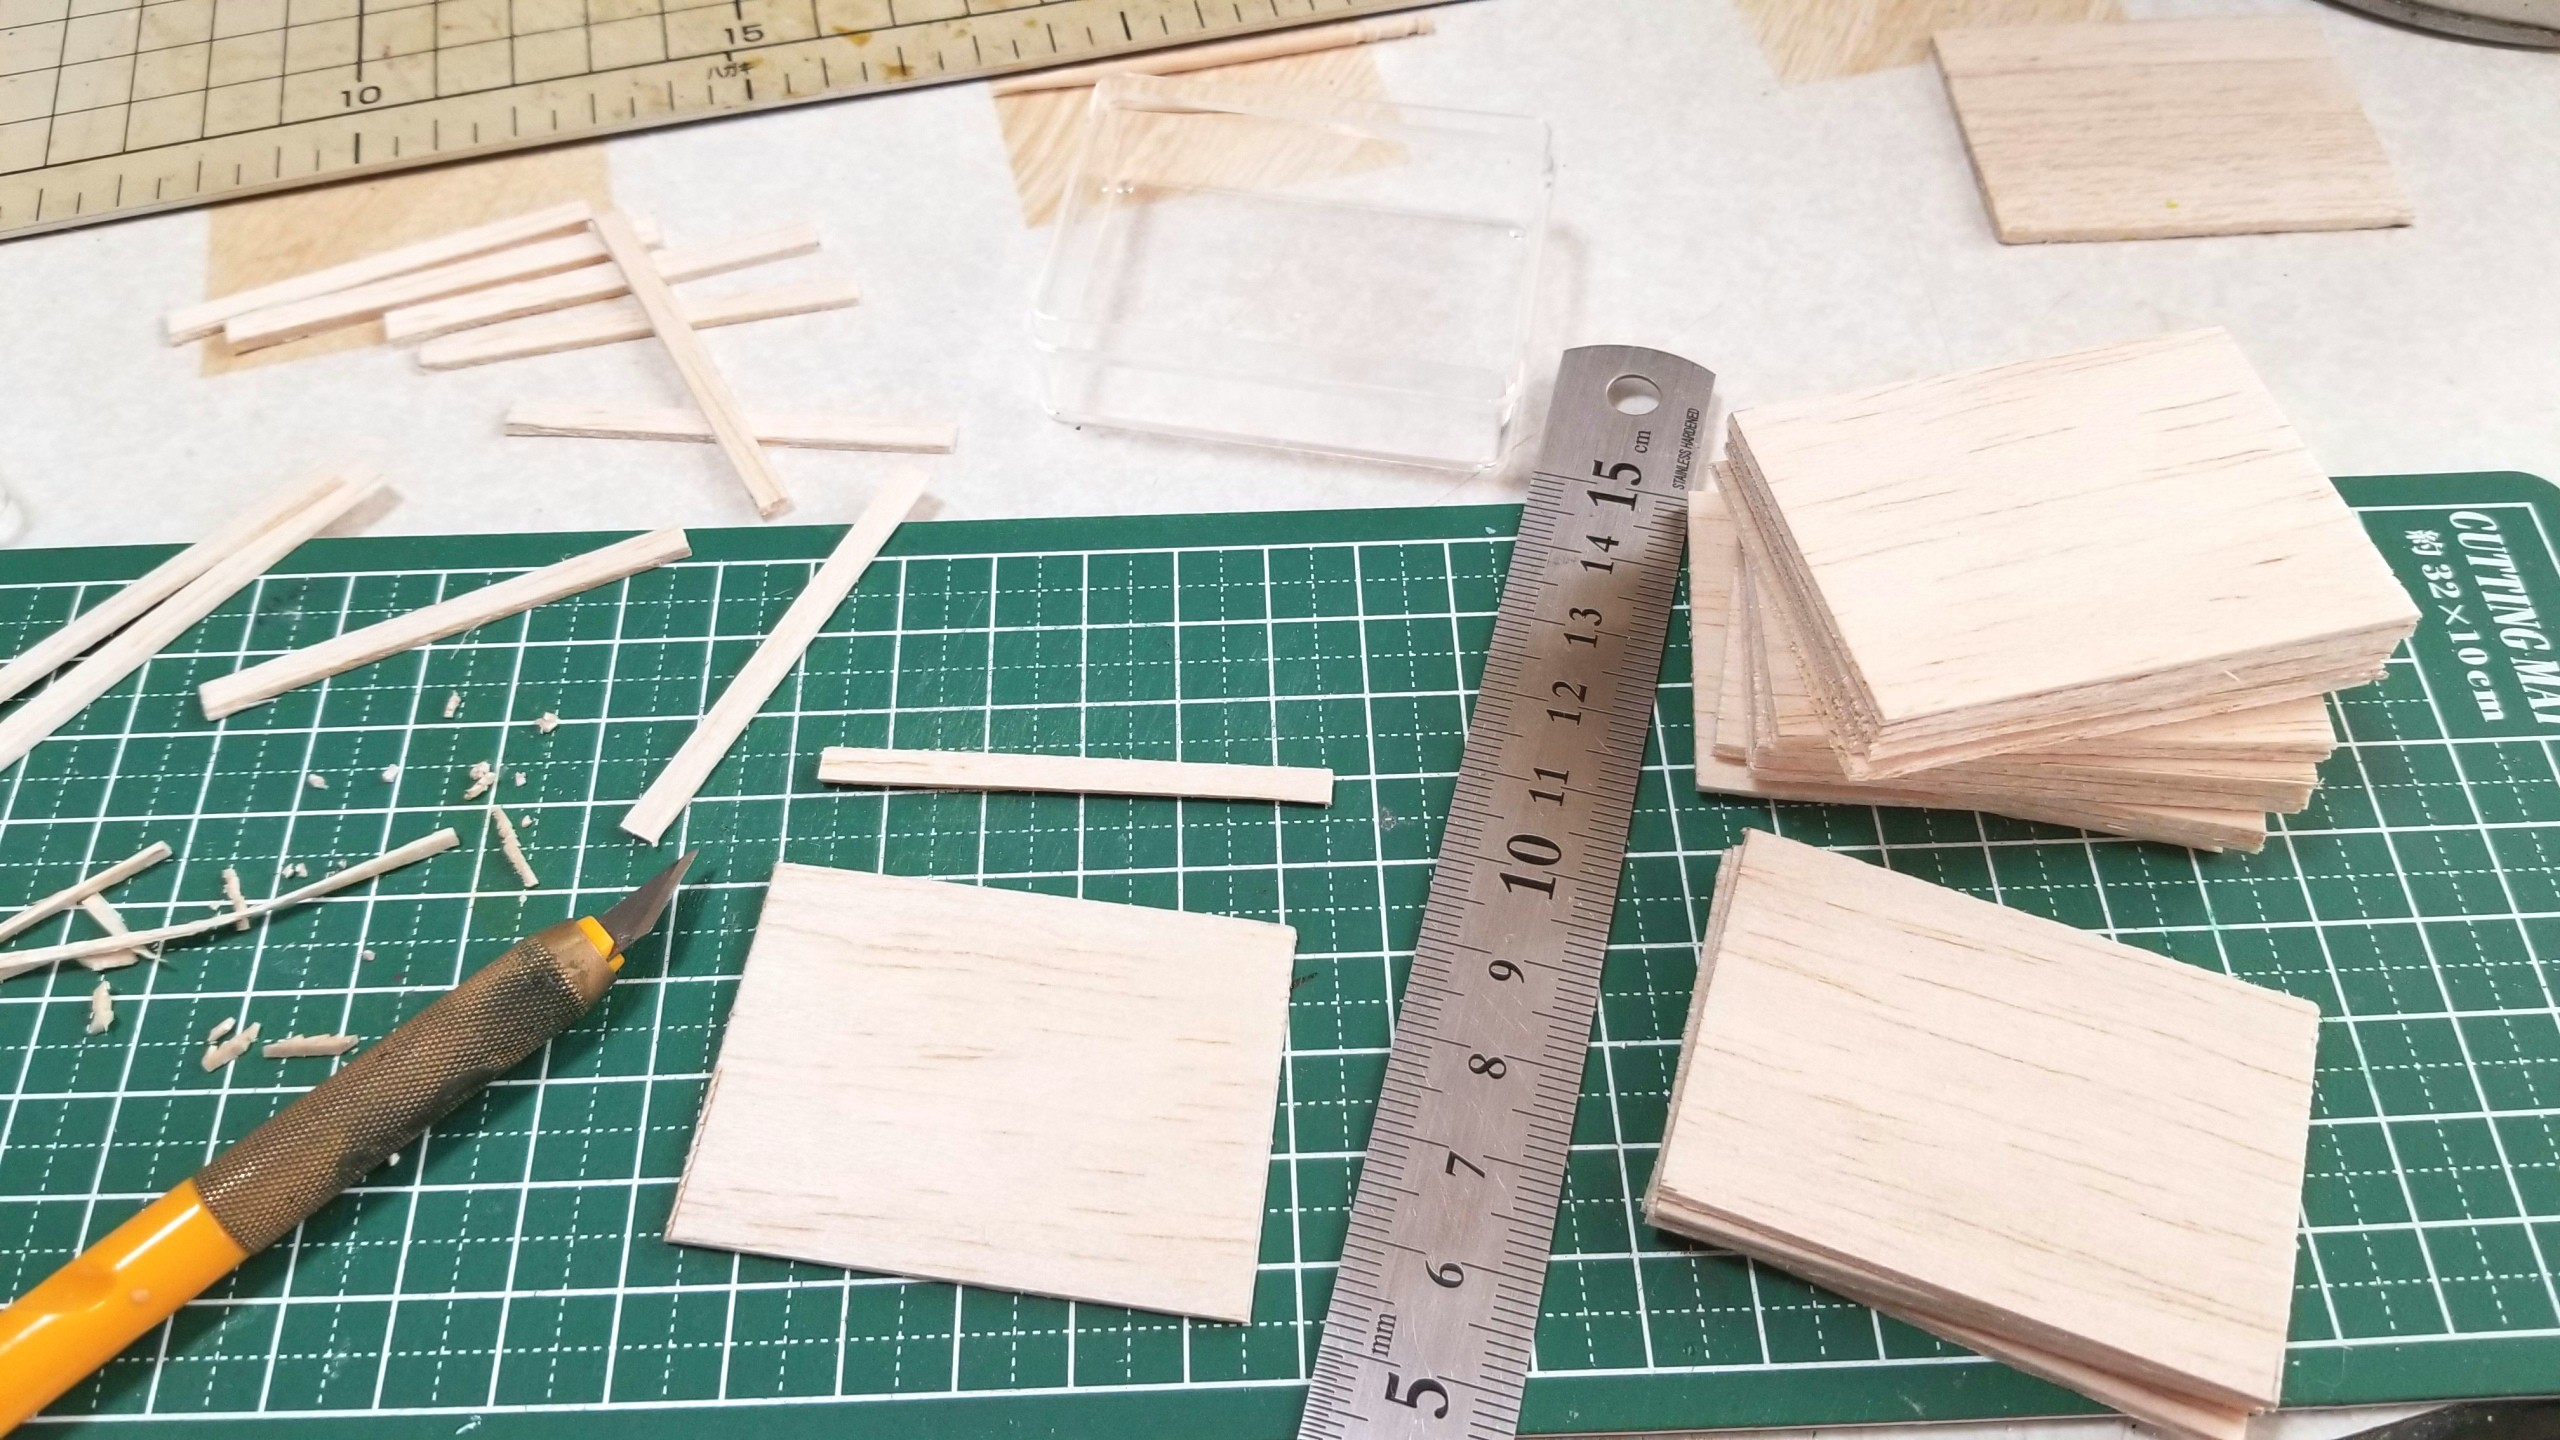 台紙,土台,作り方,ミニチュアフード,千代紙,折り紙,バルサ材